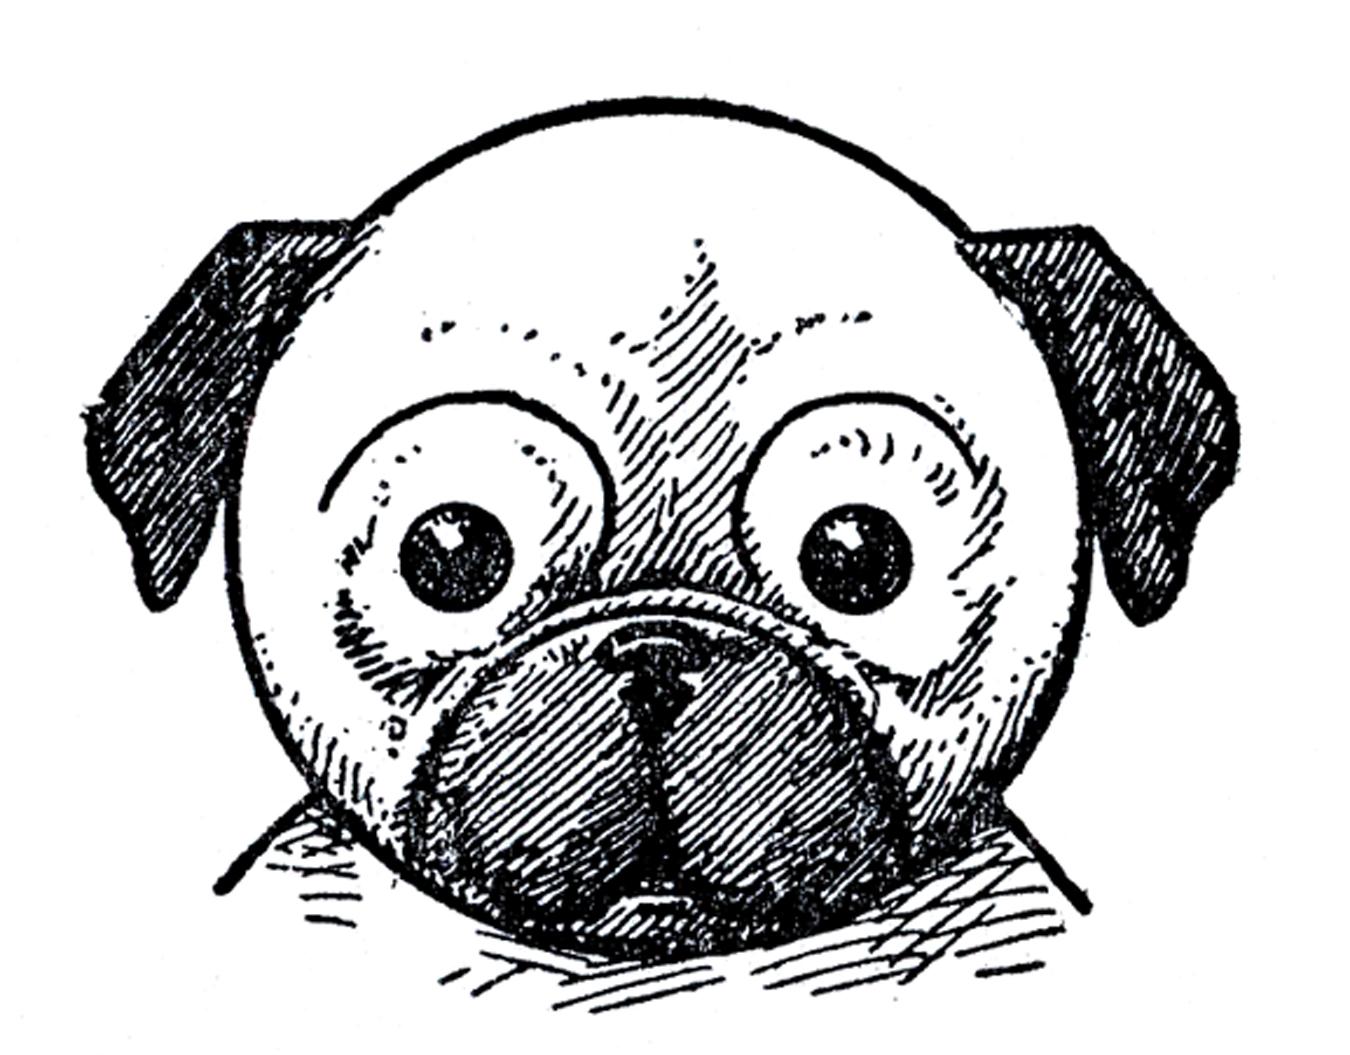 a dog face